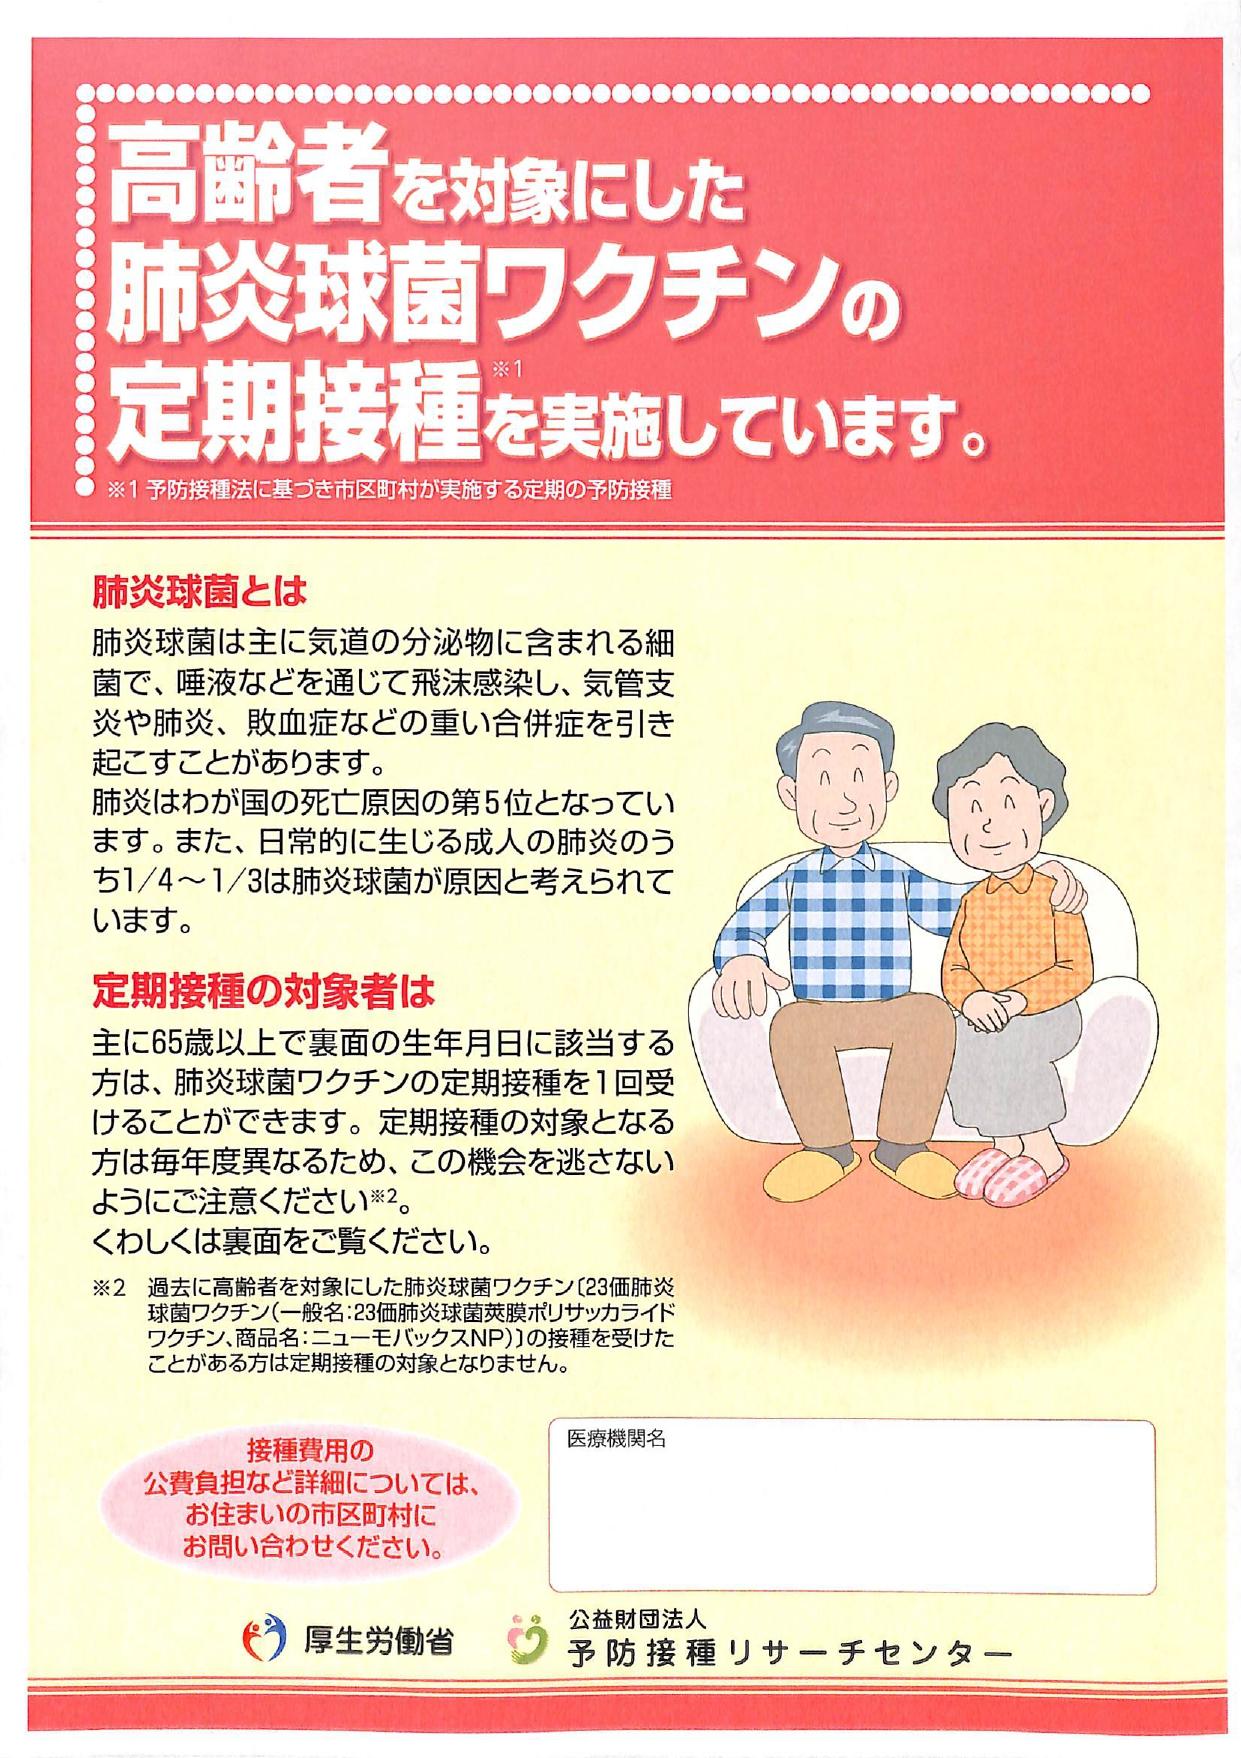 ワクチン 肺炎 値段 球菌